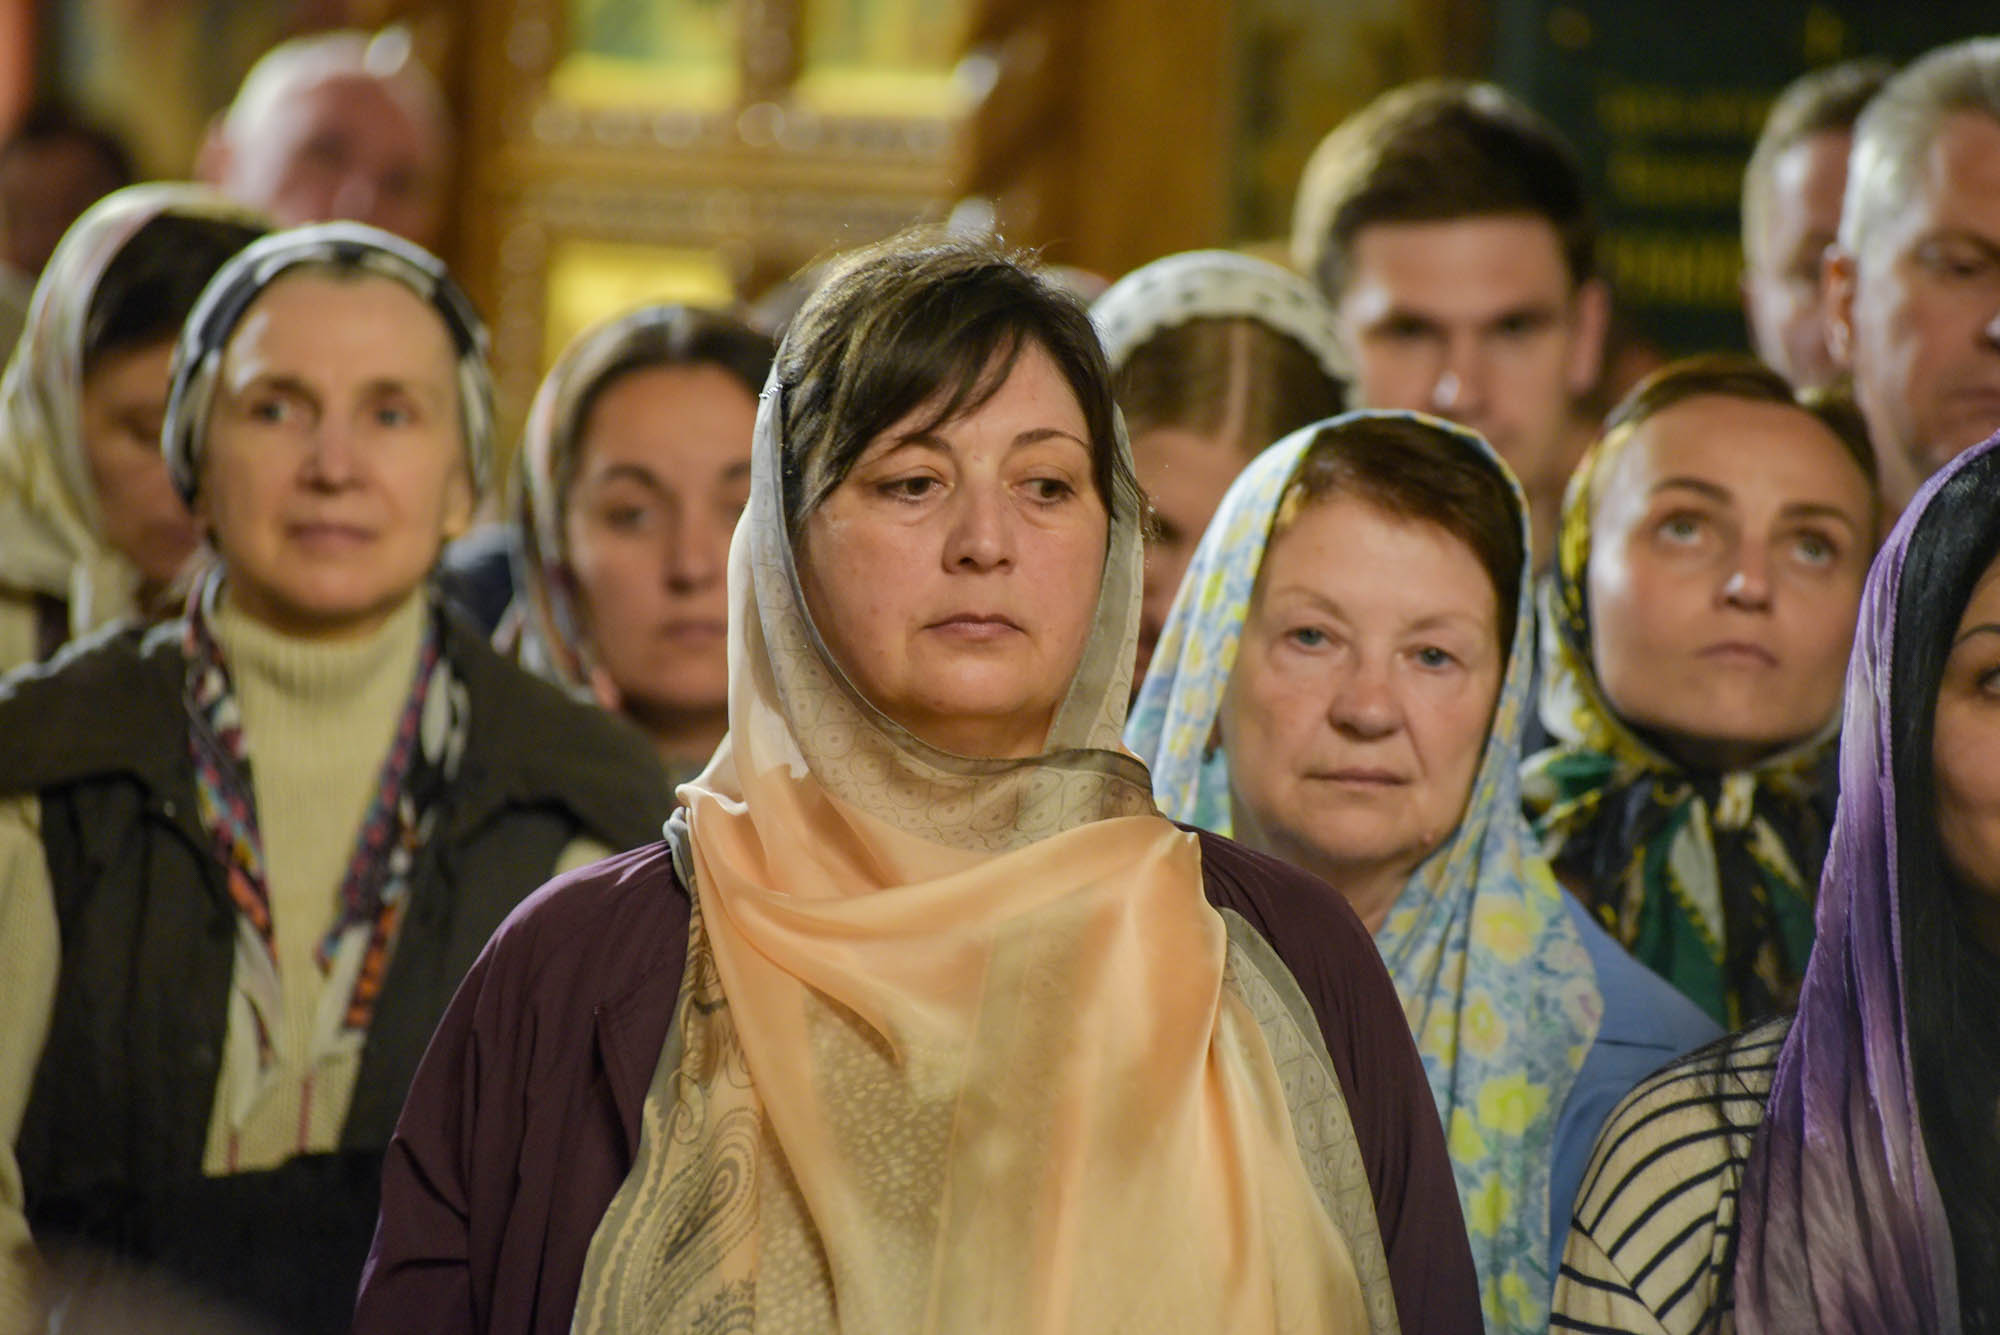 Orthodox photography Sergey Ryzhkov 9169